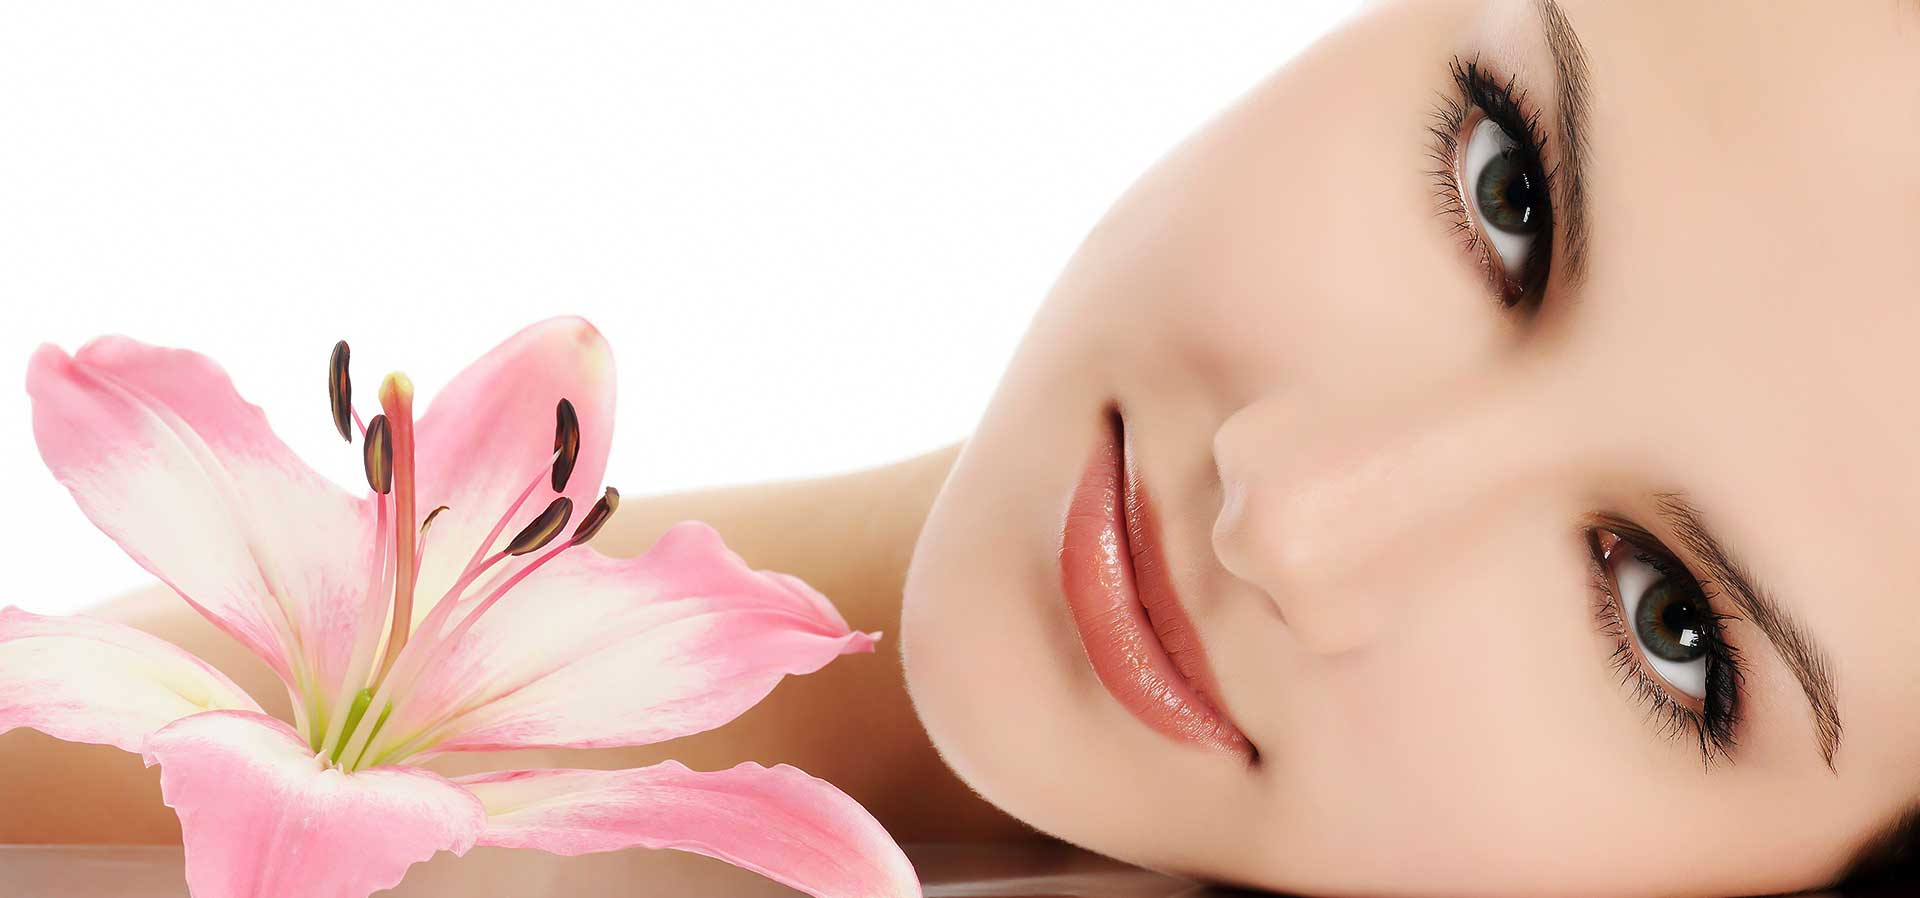 کلینیک تخصصی پوست مو زیبایی مهر کرج